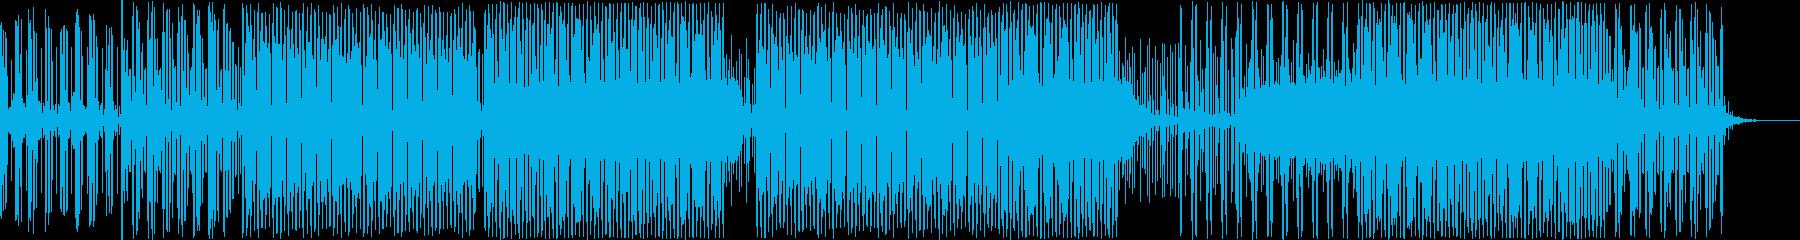 壮大な雰囲気のエレクトロニカの再生済みの波形